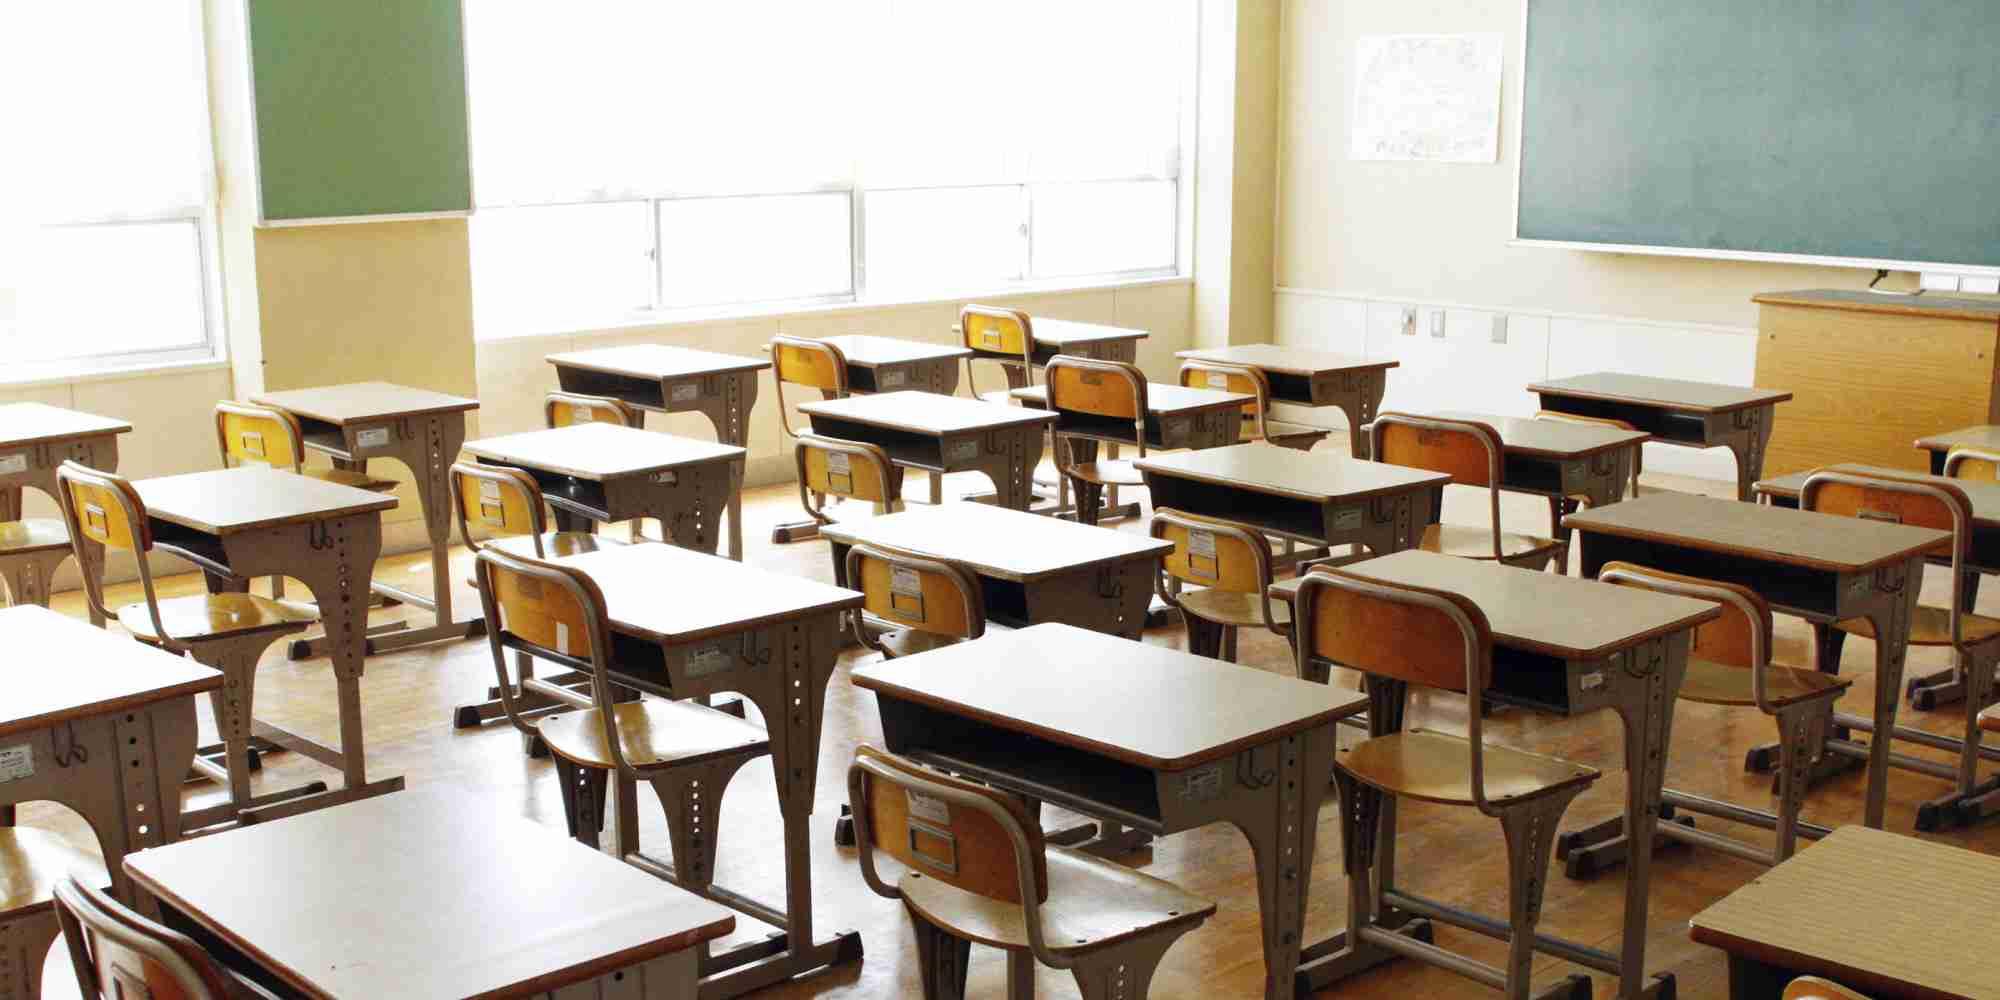 原発避難先いじめ、被害総額150万円 警察の情報提供に学校動かず